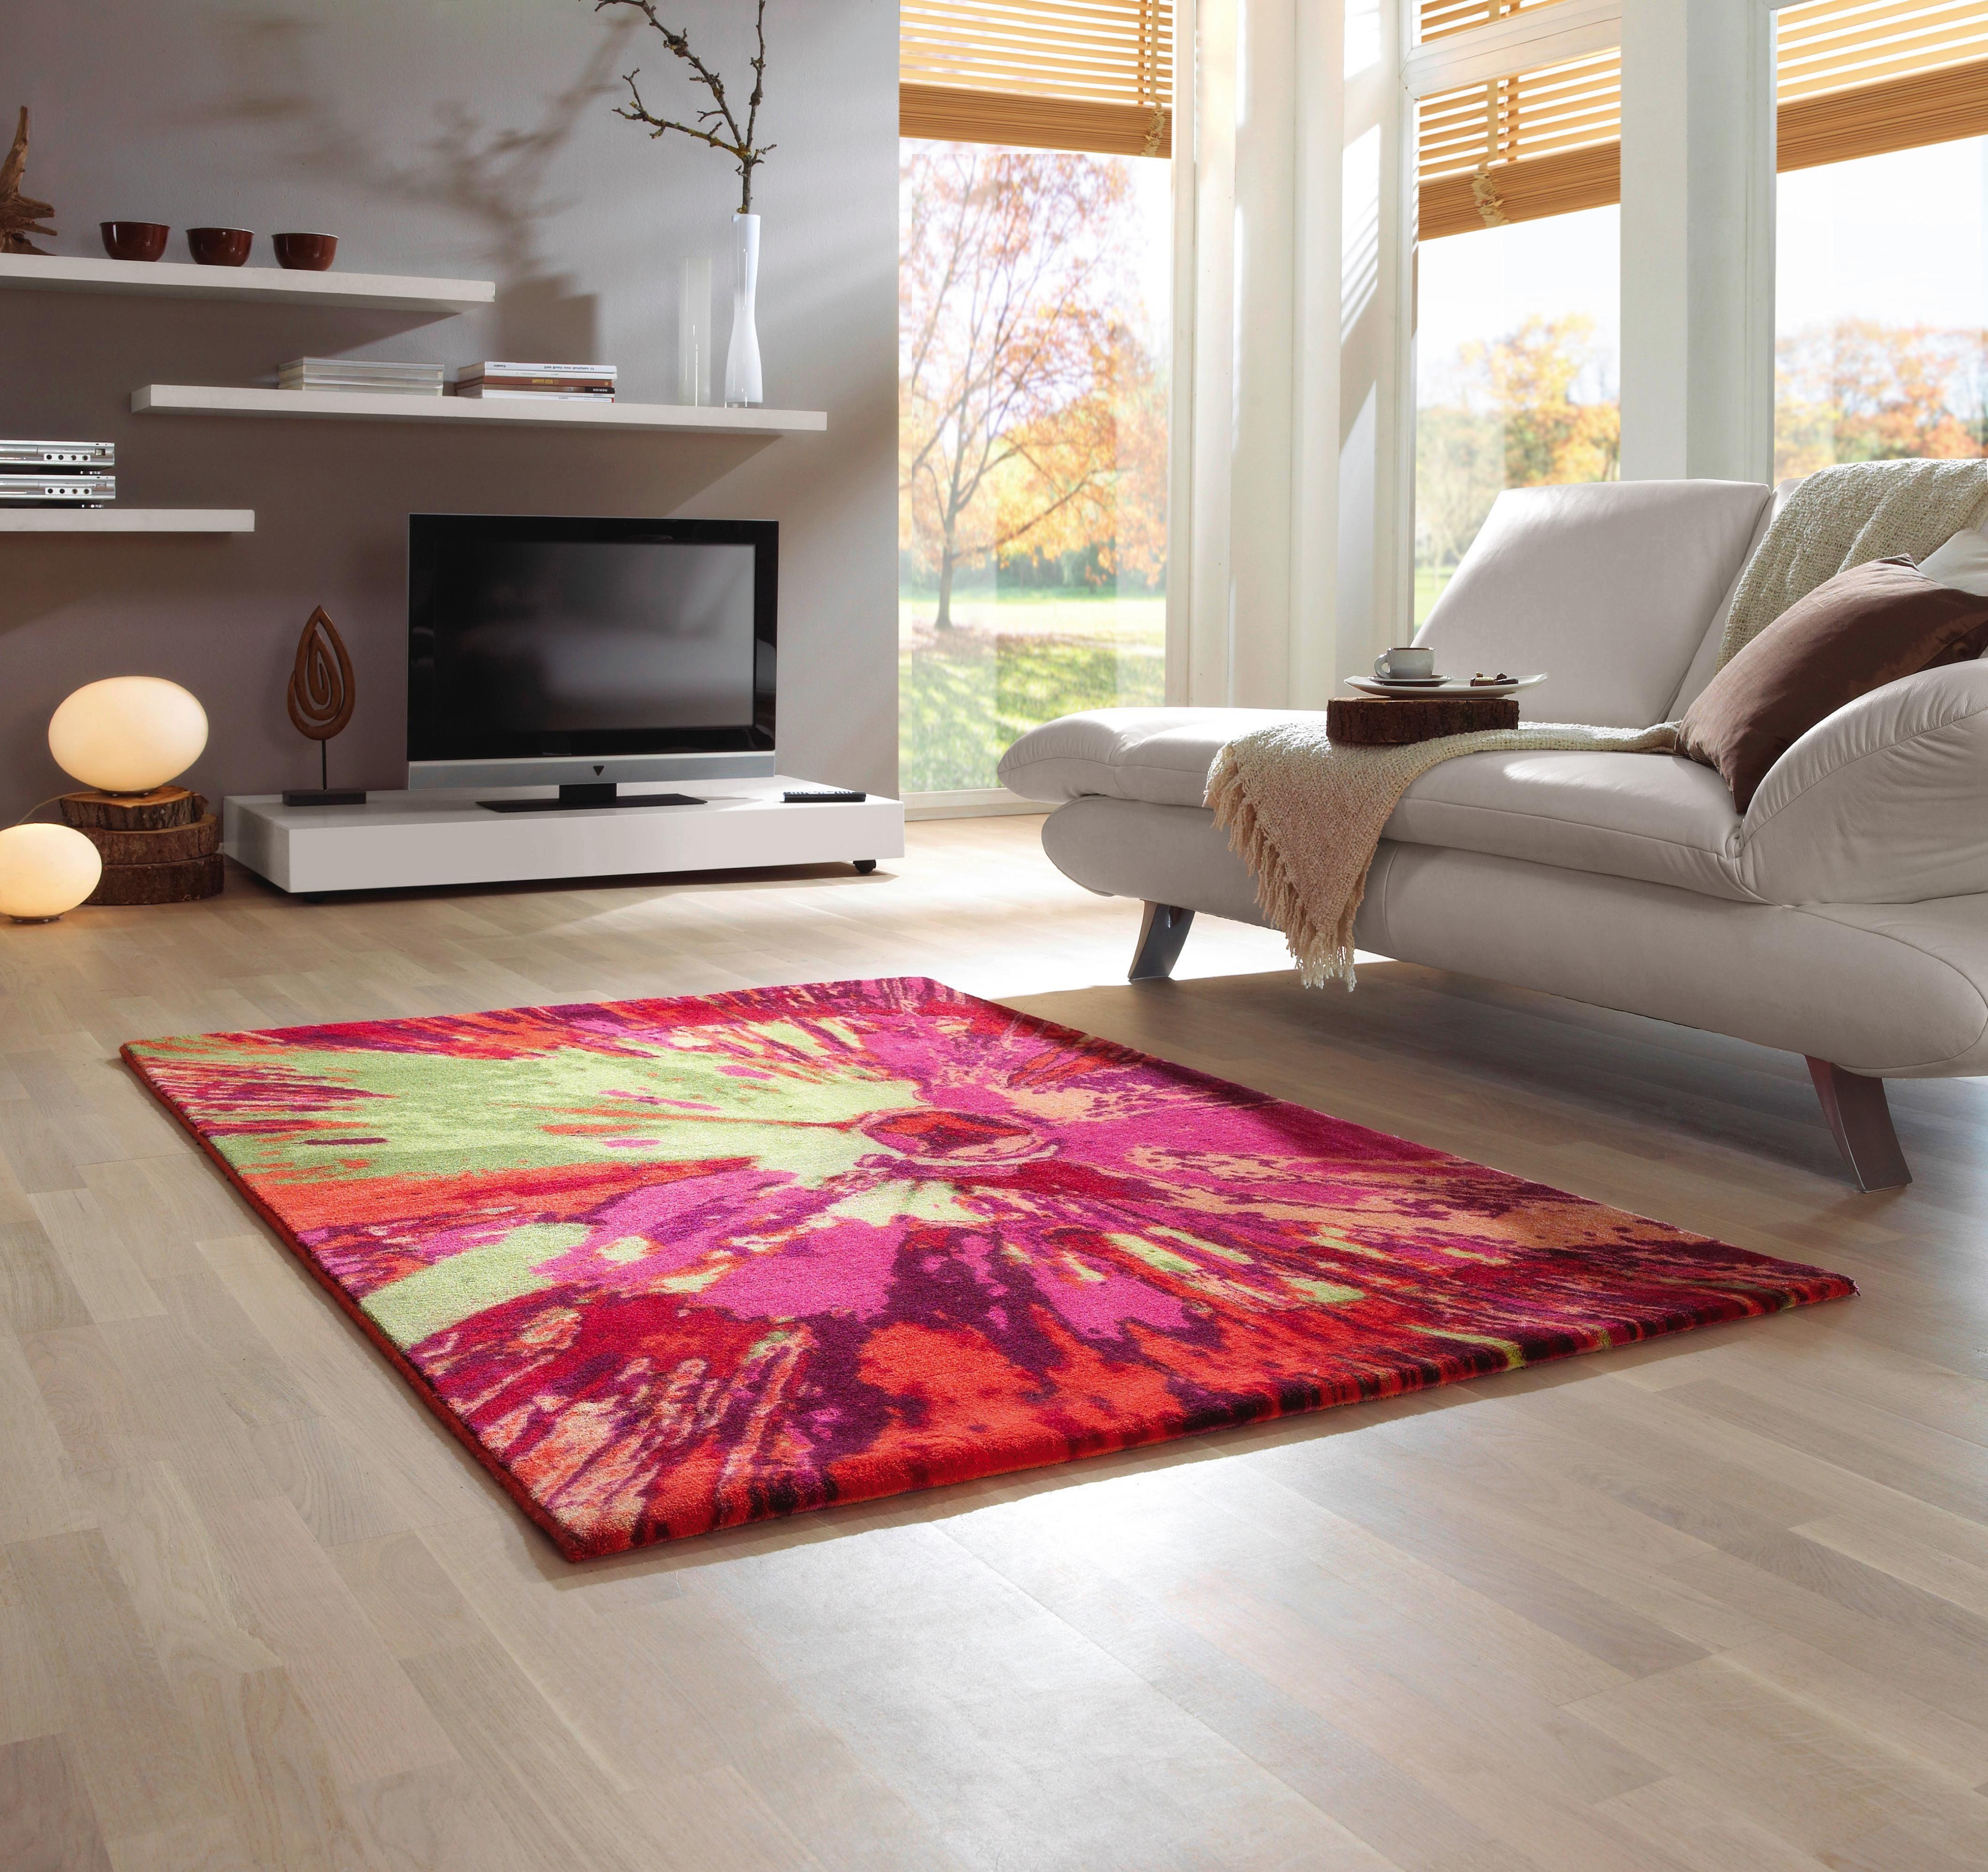 Ausgefallene Teppiche bringen sie farbe und fröhlichkeit auf ihren fußboden dieser